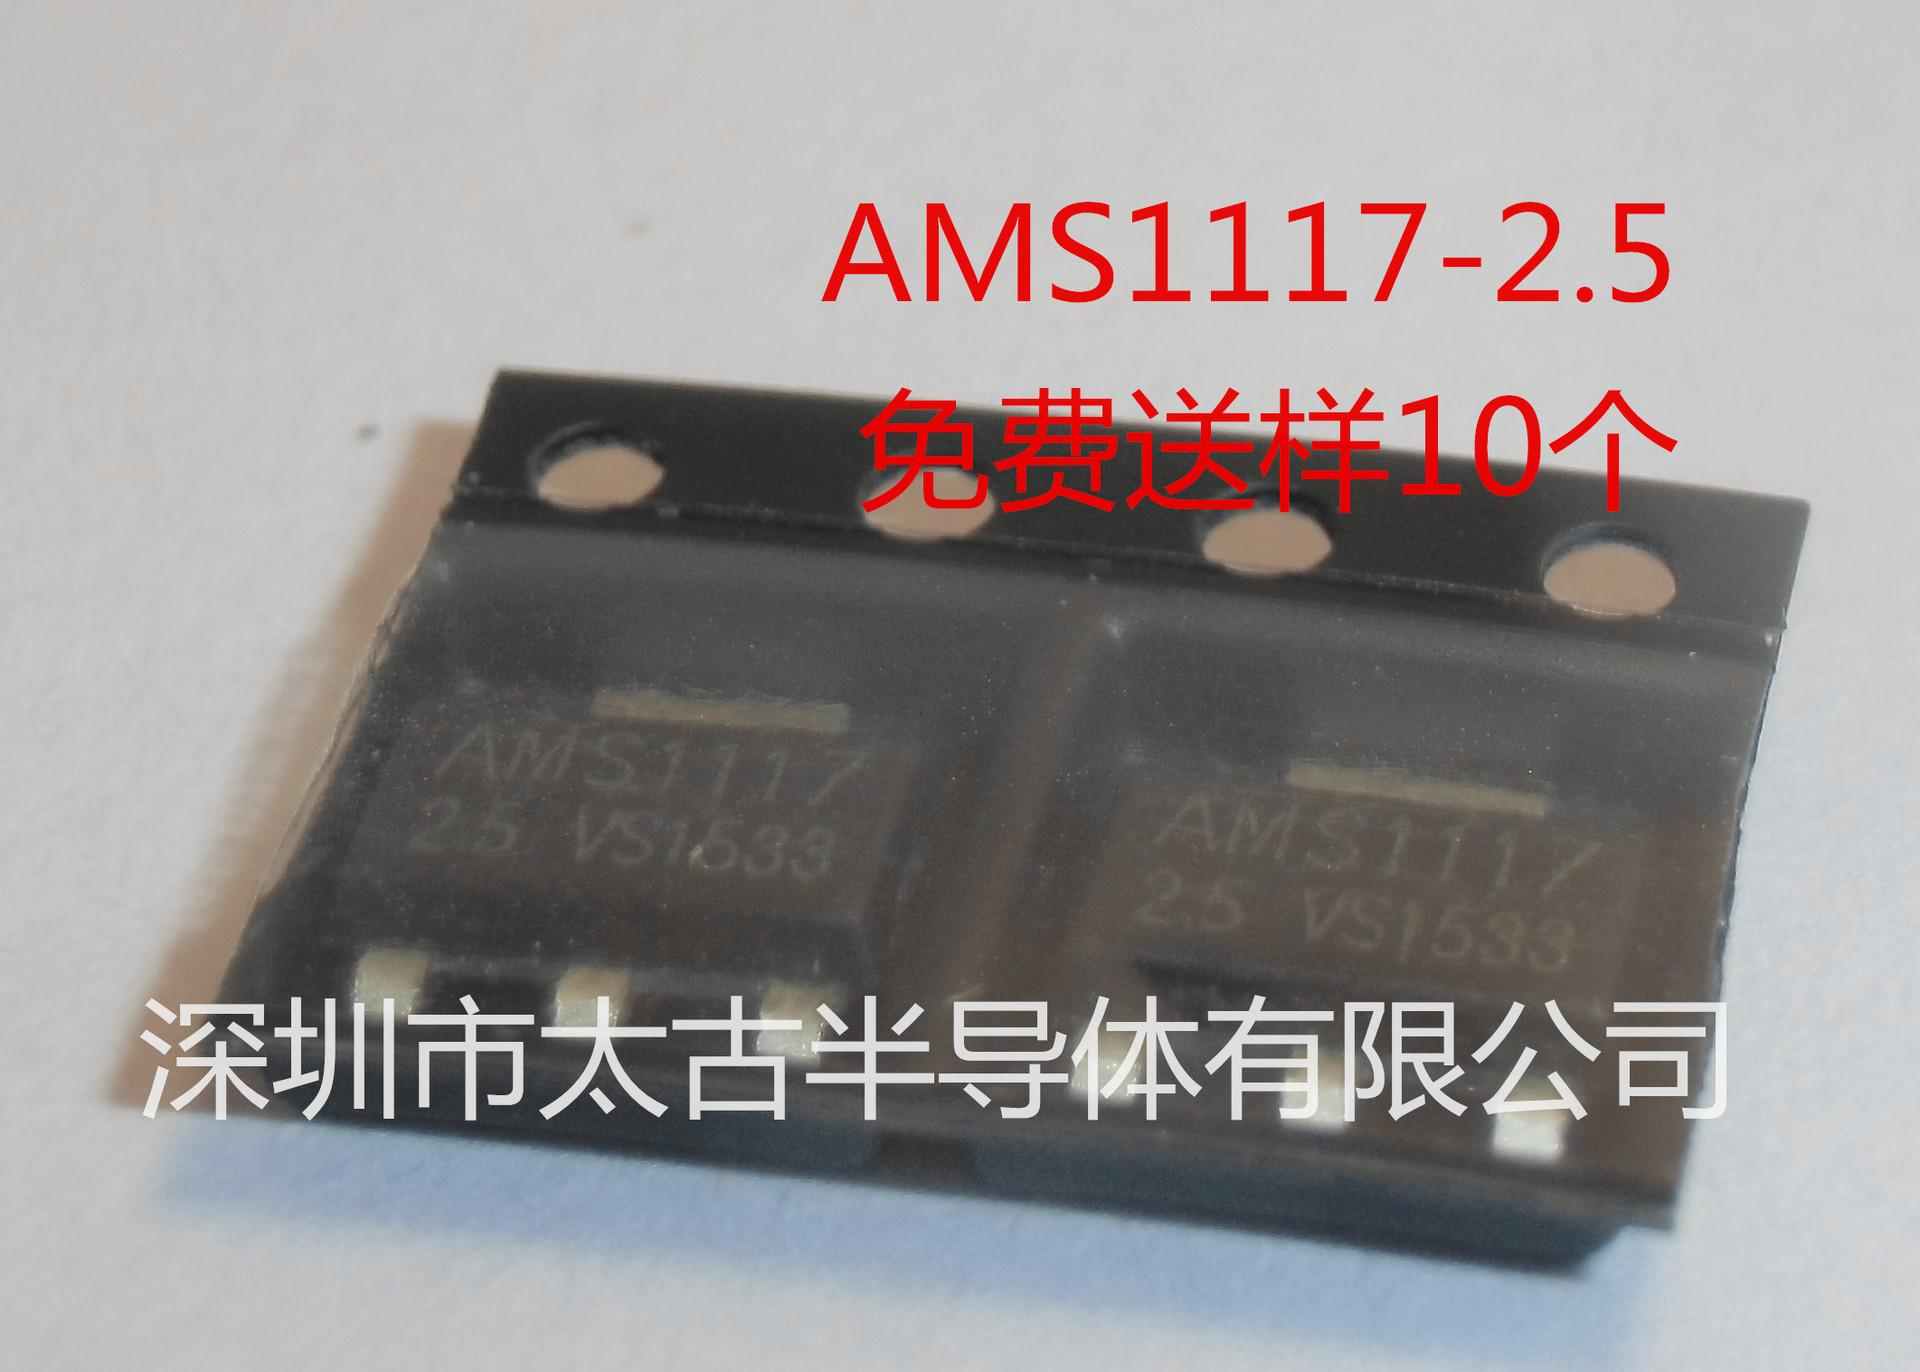 全新集成电路ic 电源稳压管 lm2576hvs-adj to-263 贴片降压管